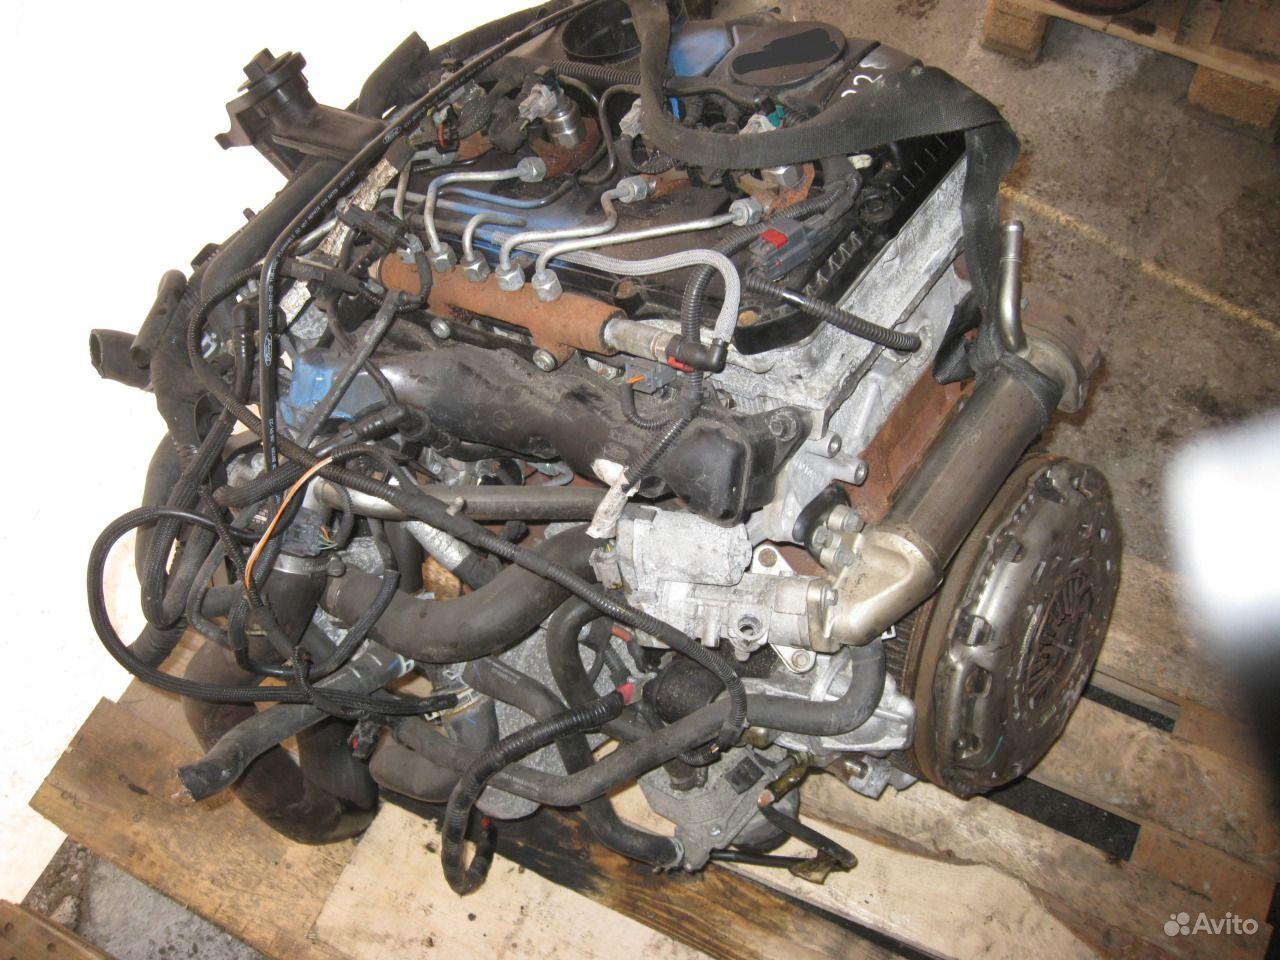 Установка ремня на двигатель форд транзит 2006 г фото 27 фотография